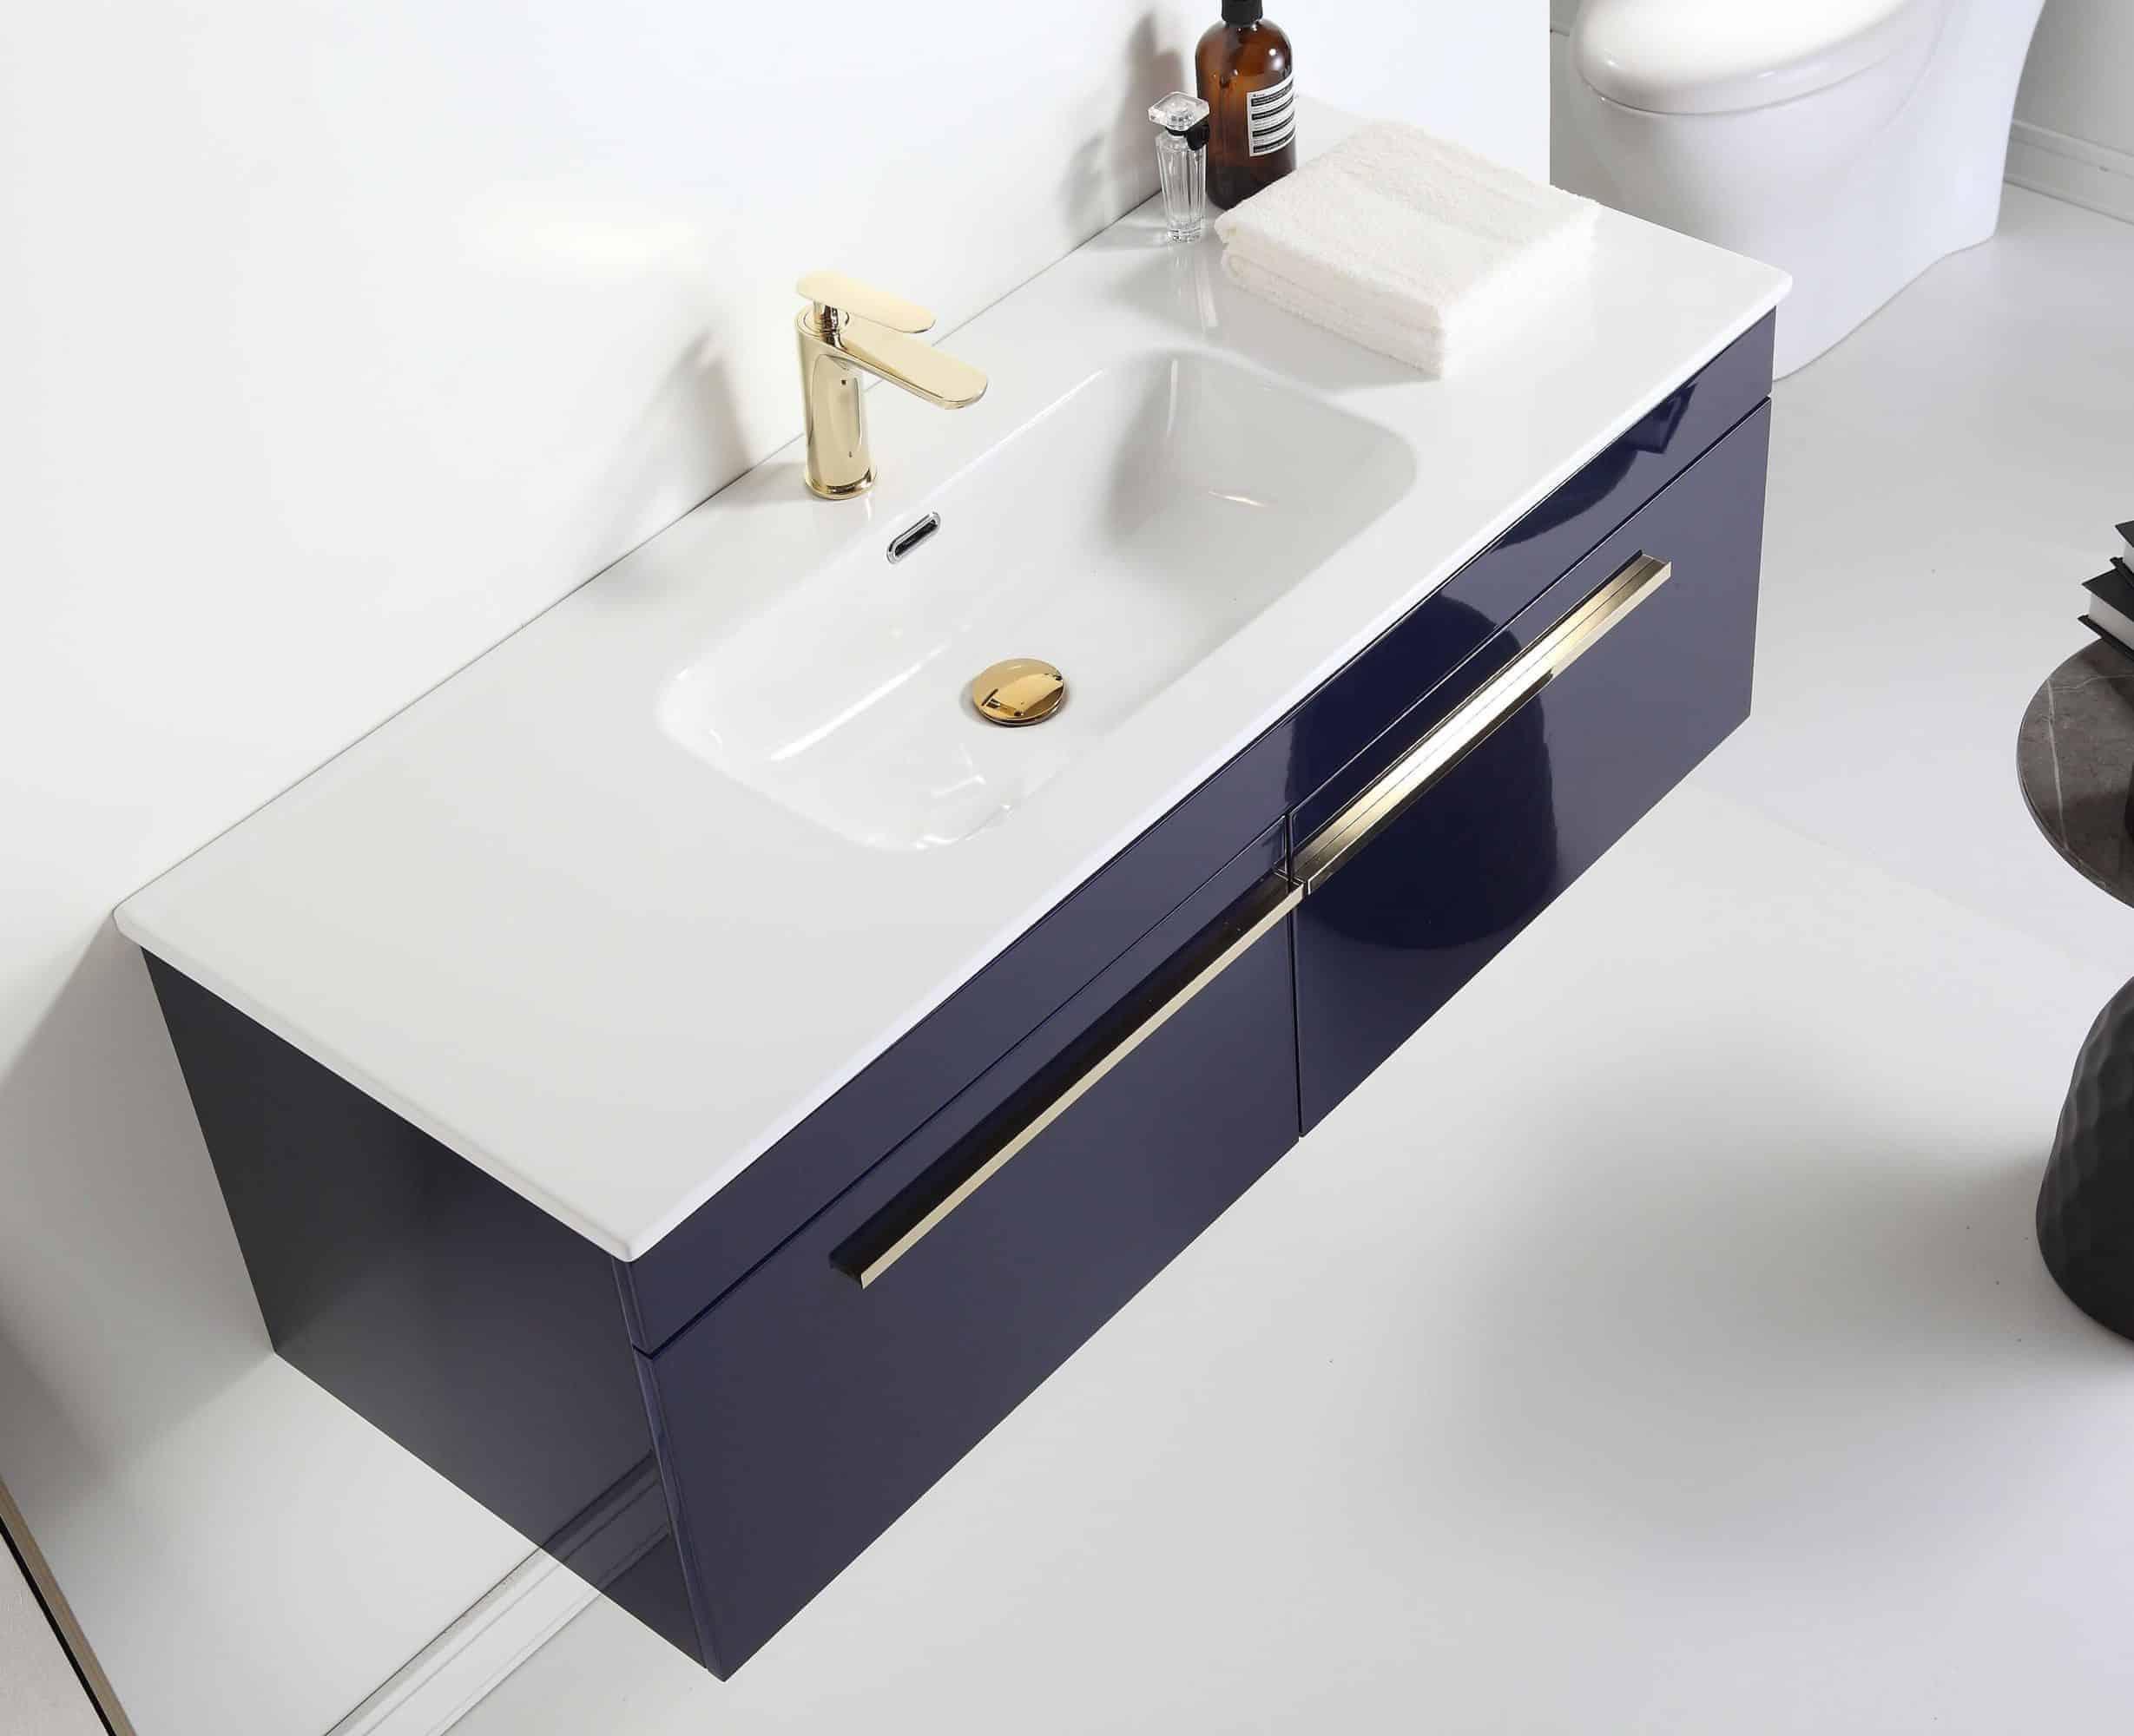 ארון אמבטיה דגם אינדיגו 100 ס